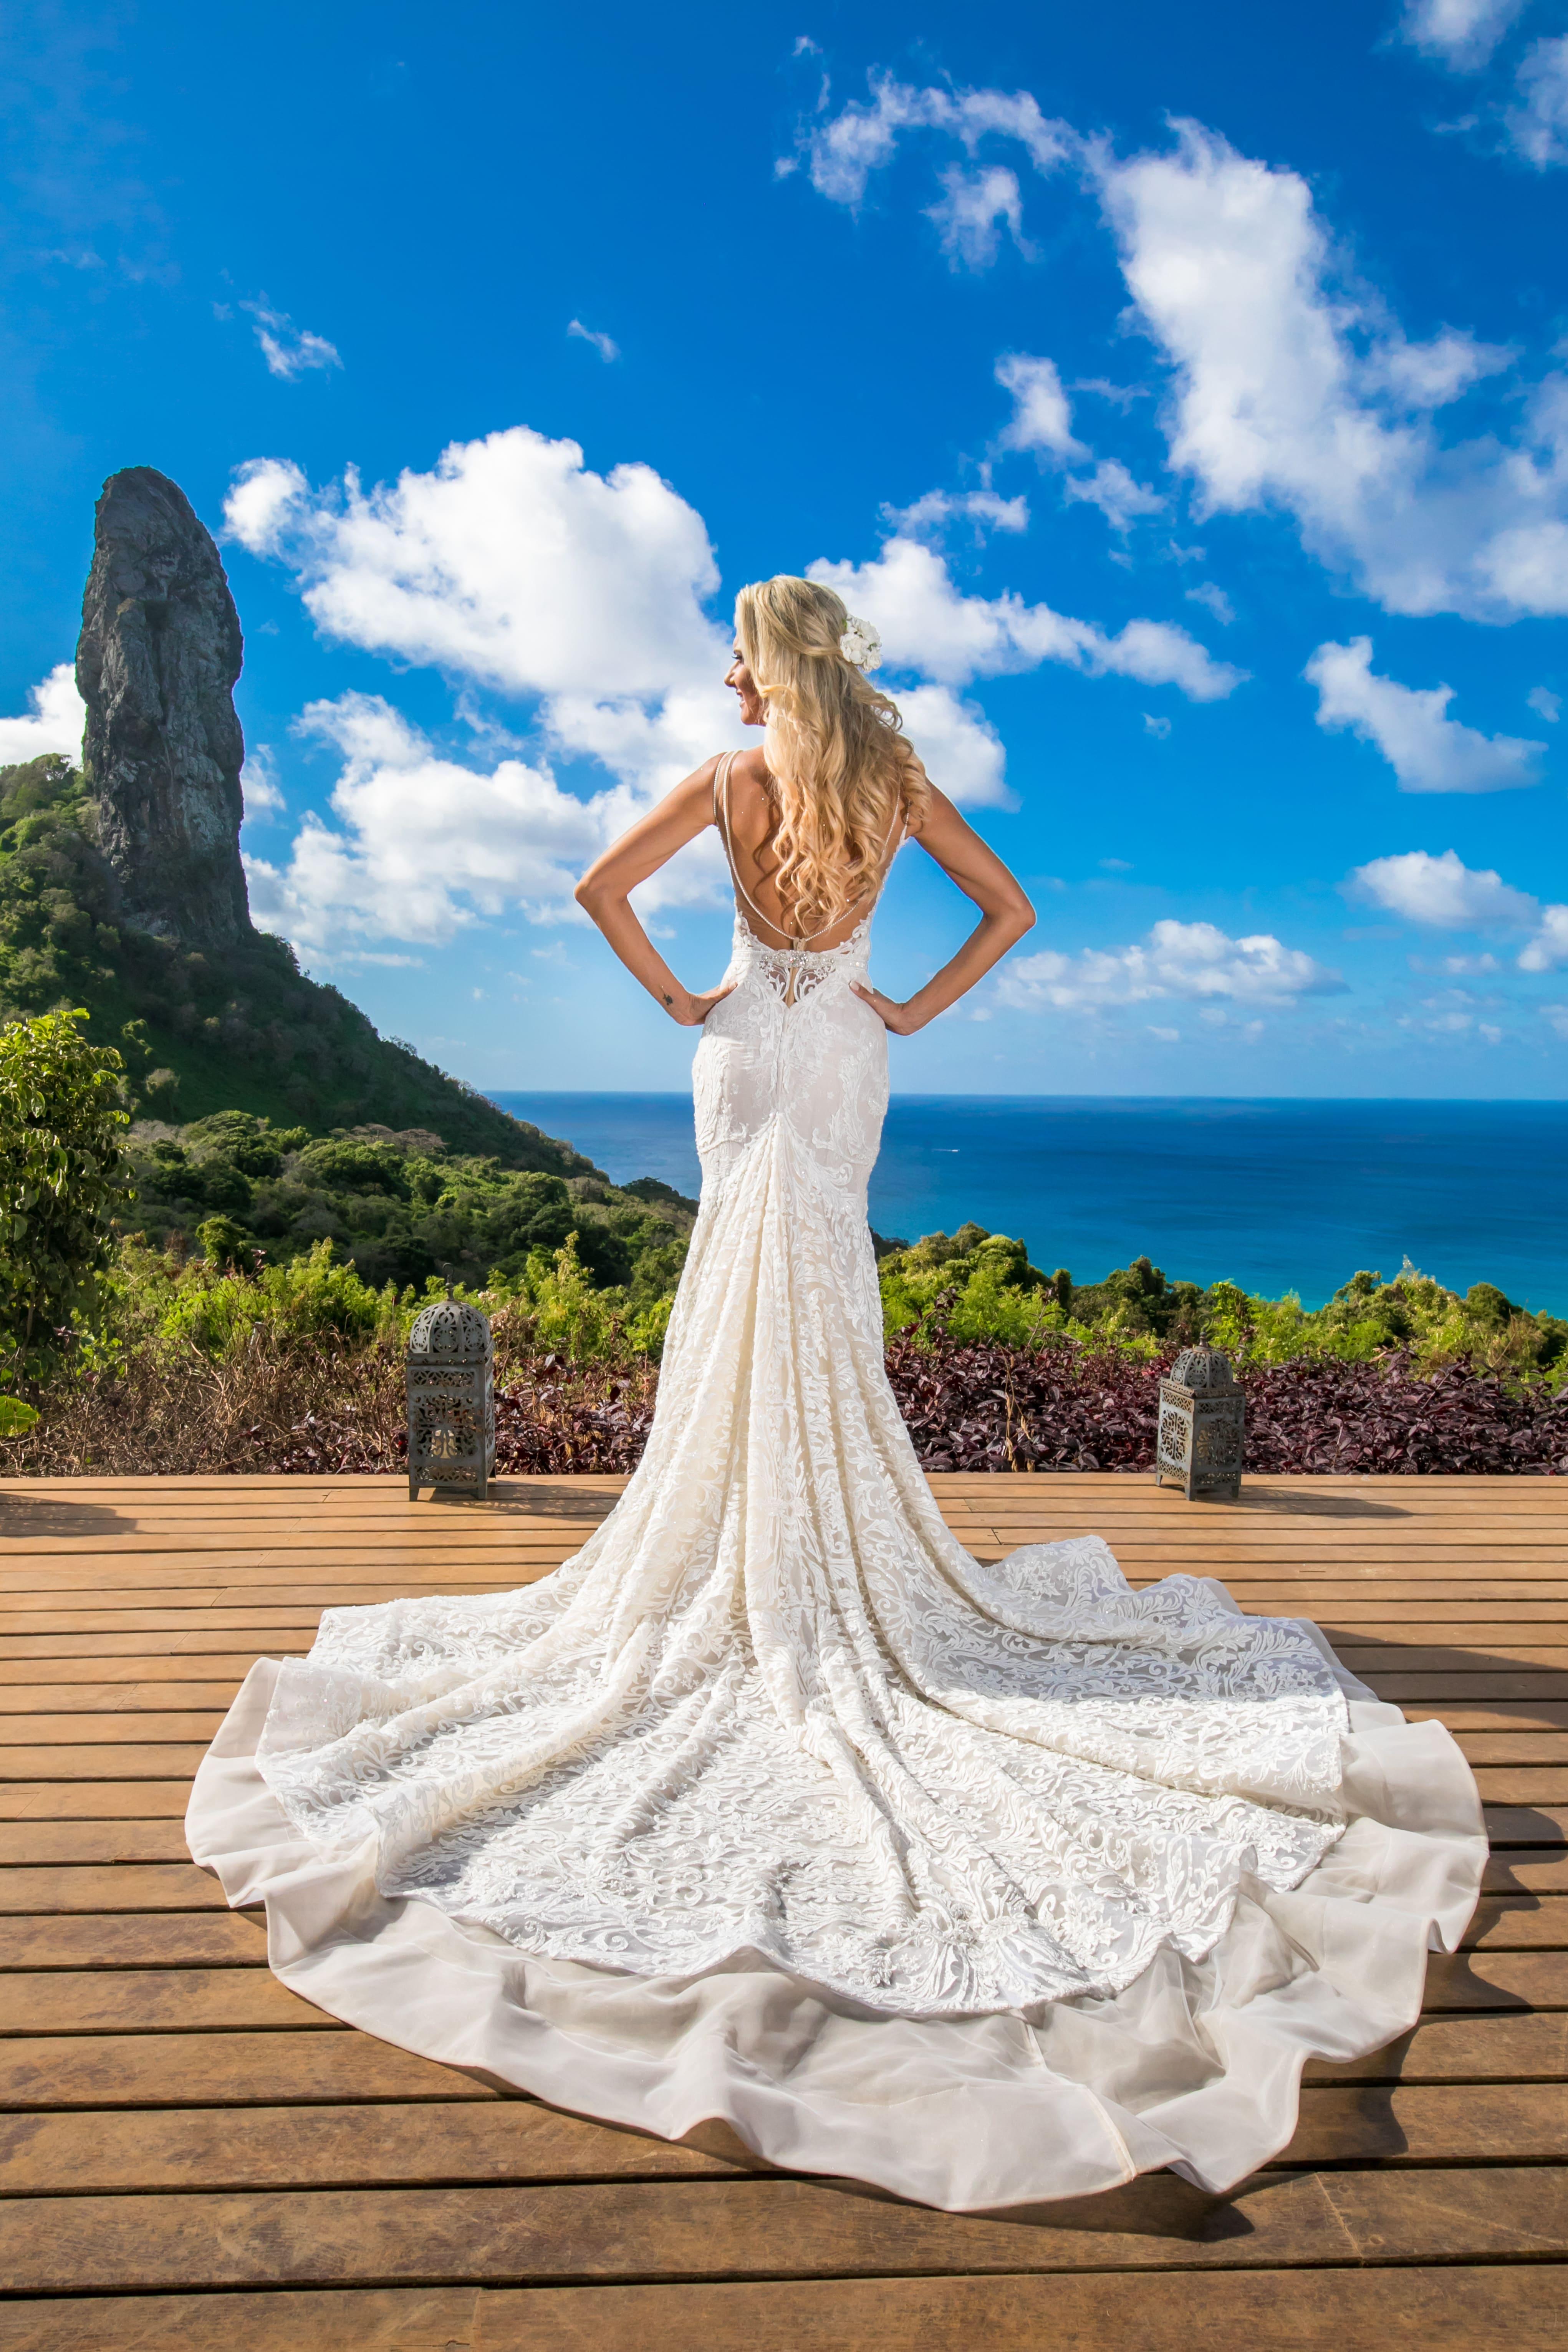 2 Lauren Castilhos com vestido Berta-min